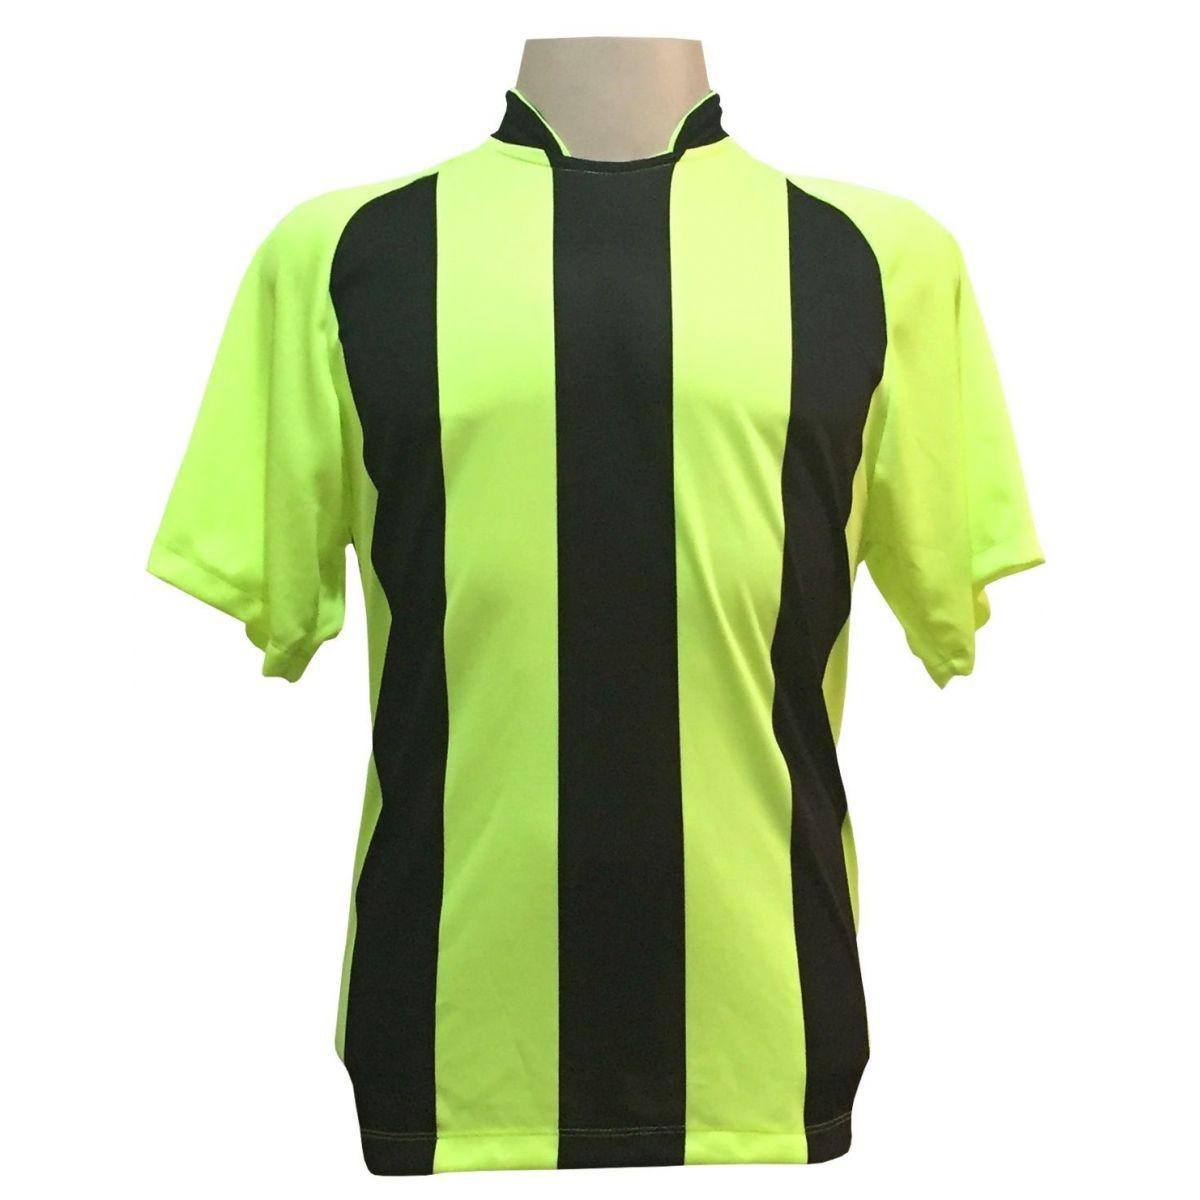 Jogo de Camisa com 18 unidades modelo Milan Limão/Preto